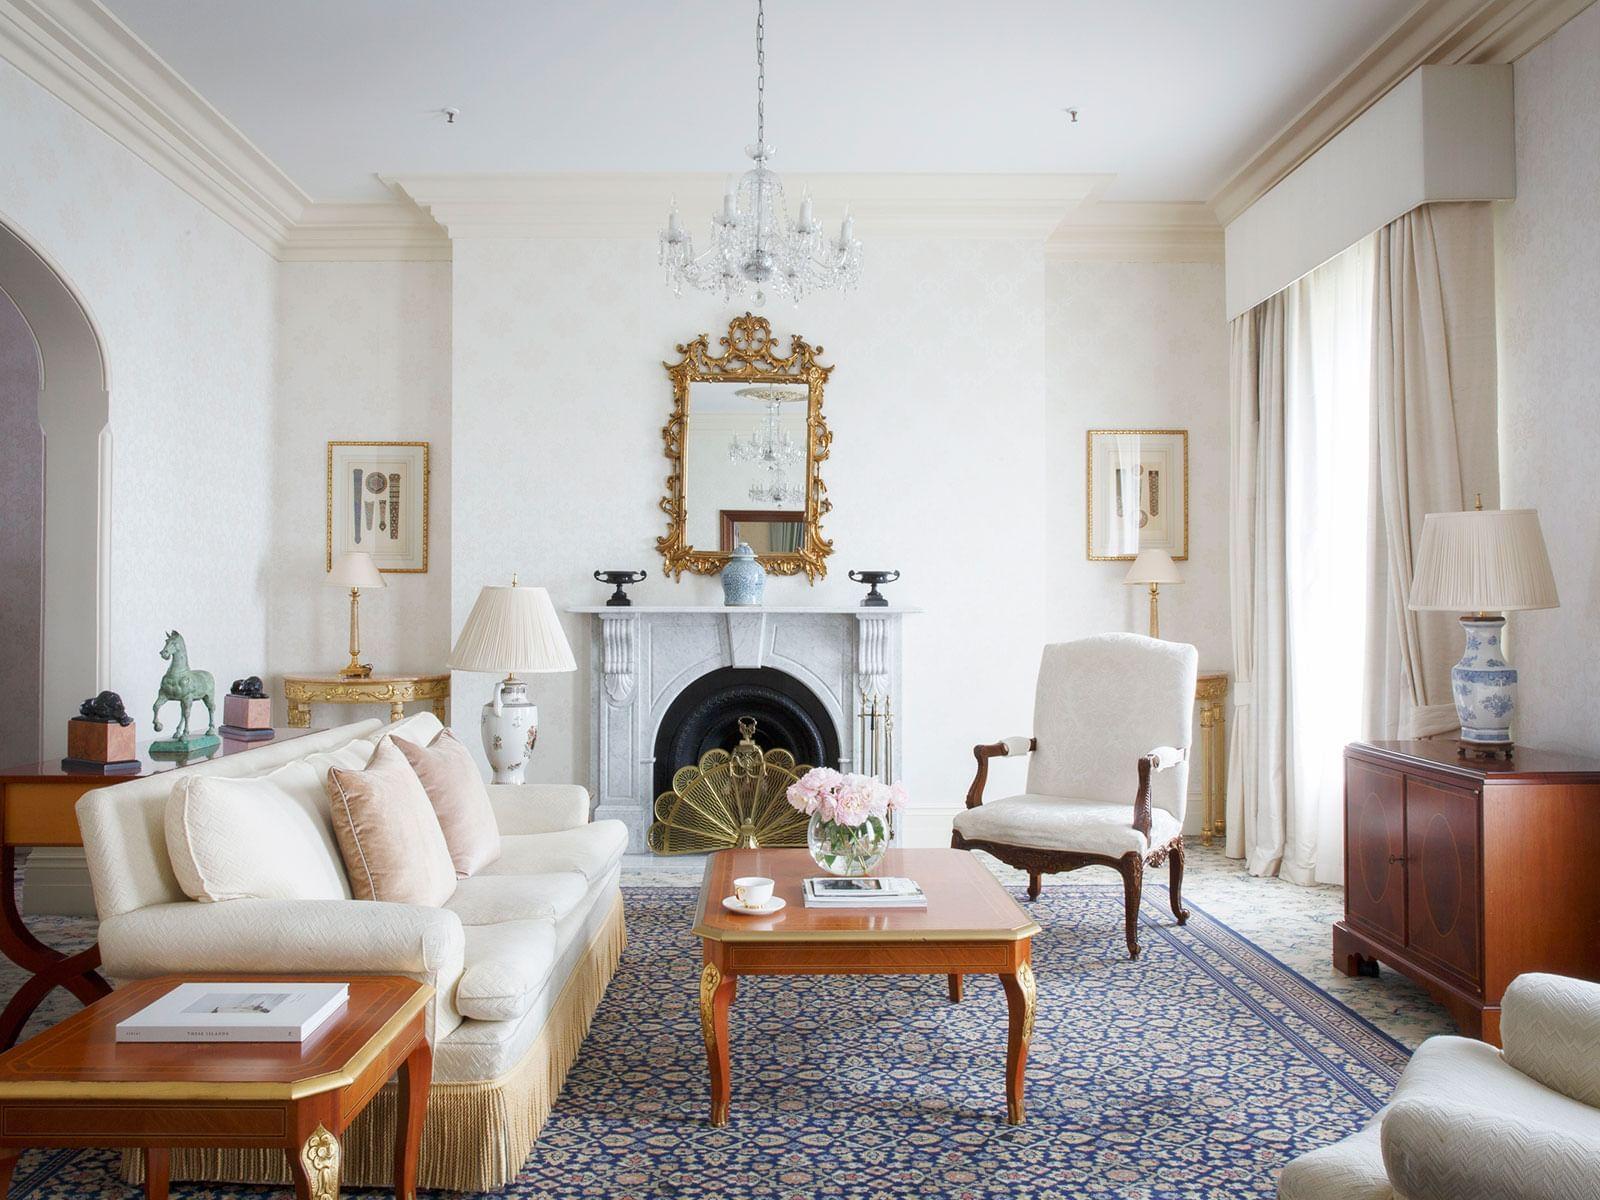 Royal Suite Living Room at The Hotel Windsor Melbourne